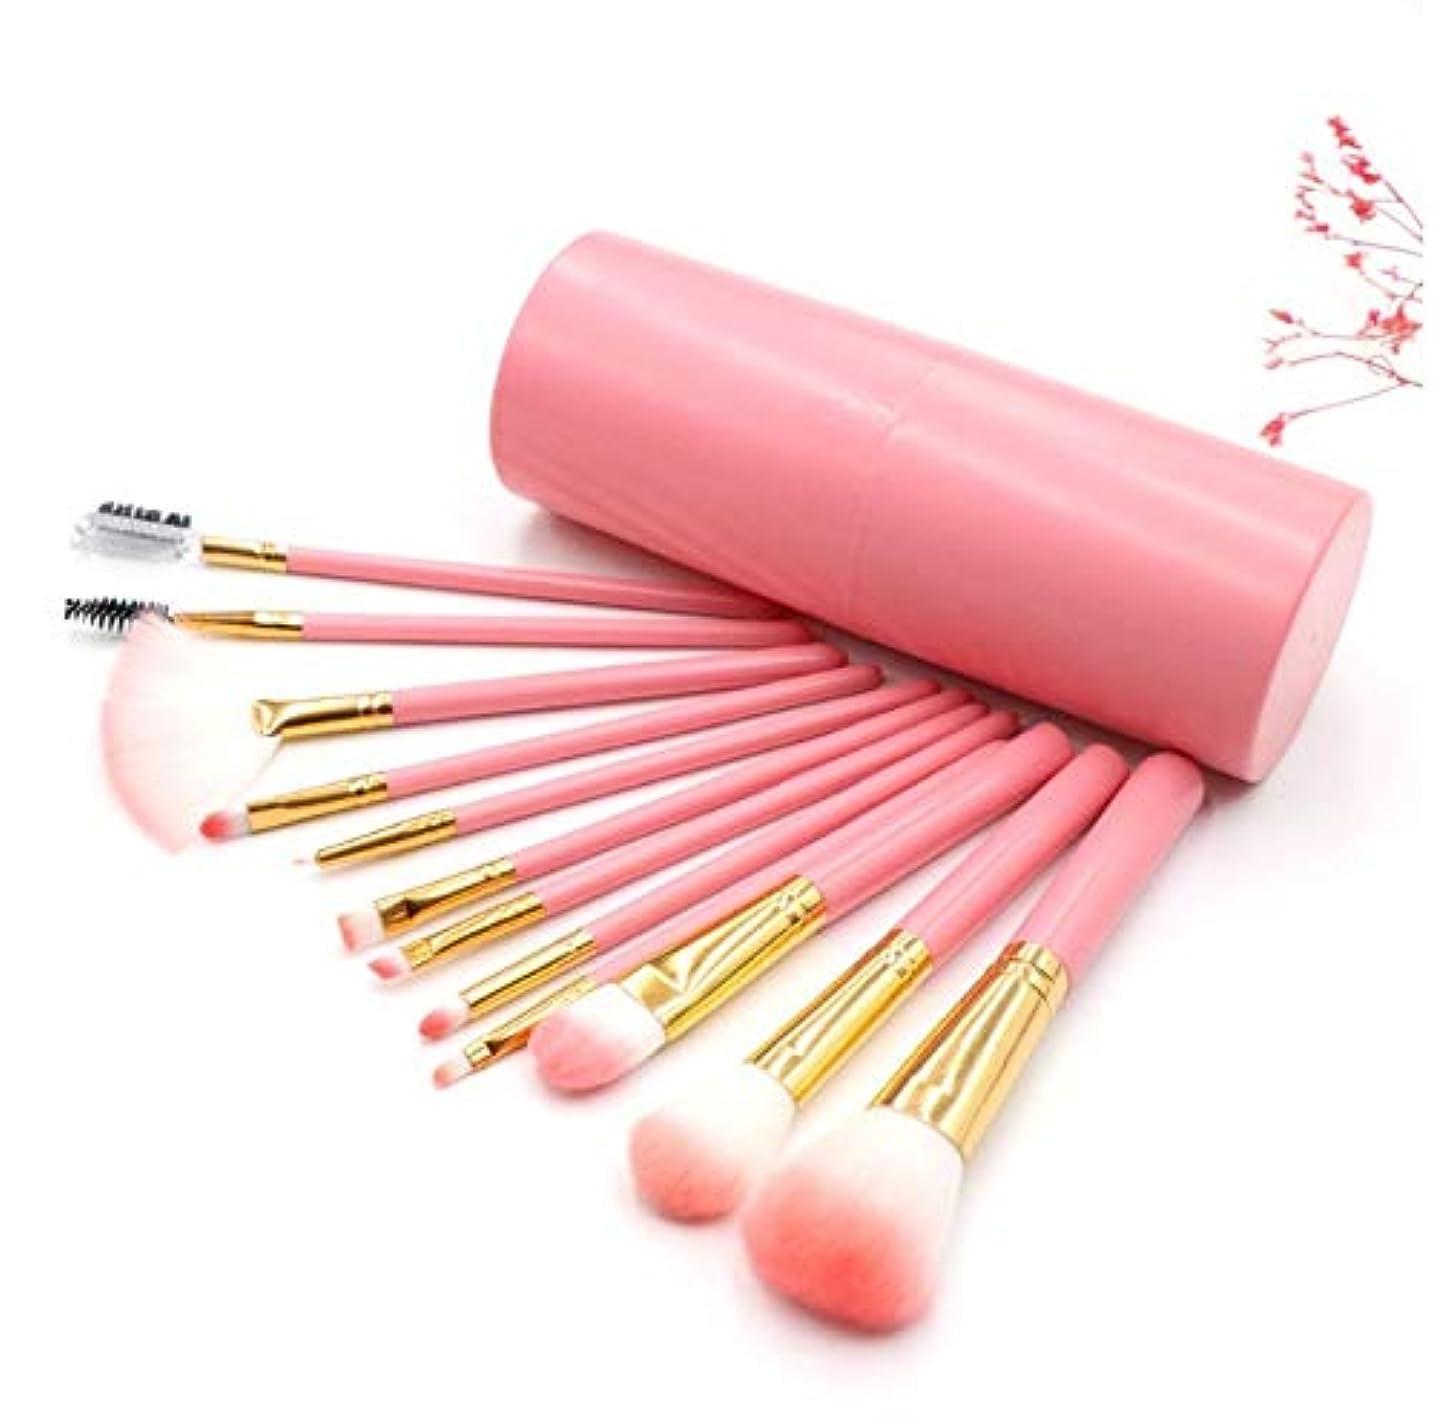 キャラクターギター薄暗い化粧ブラシセット、ピンク12化粧ブラシバケツブラシセットアイシャドウブラシリップブラシ美容化粧道具